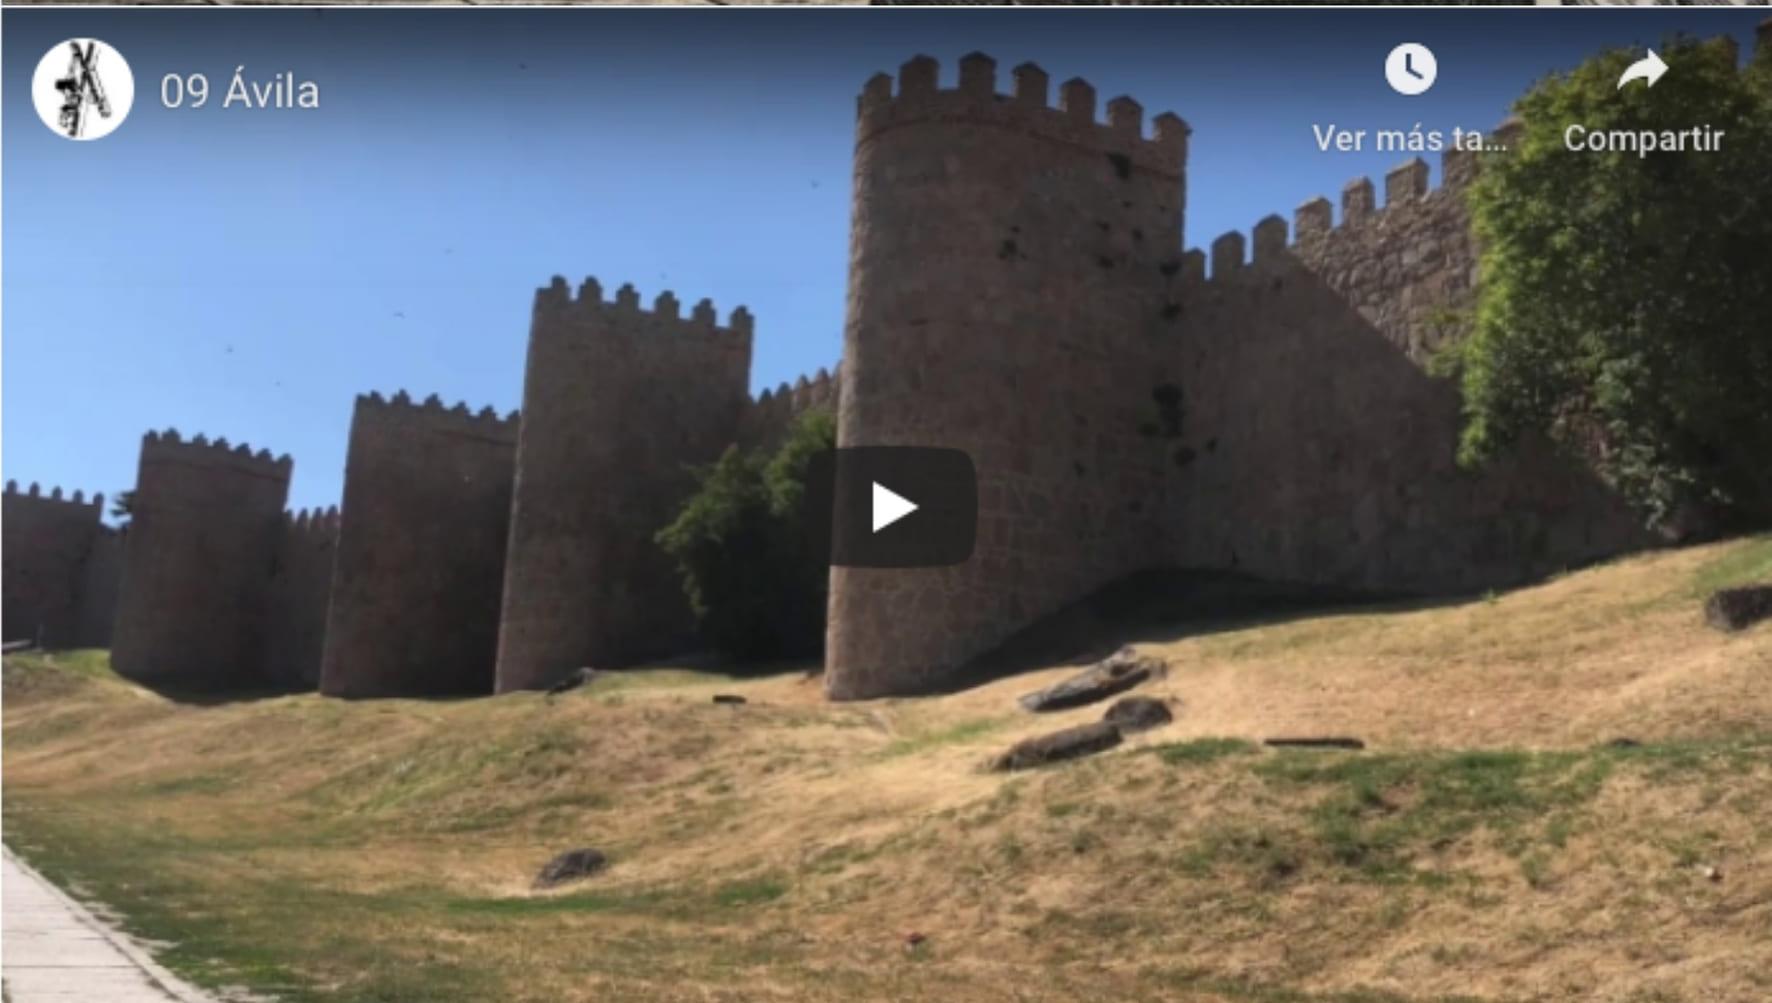 9. Ávila